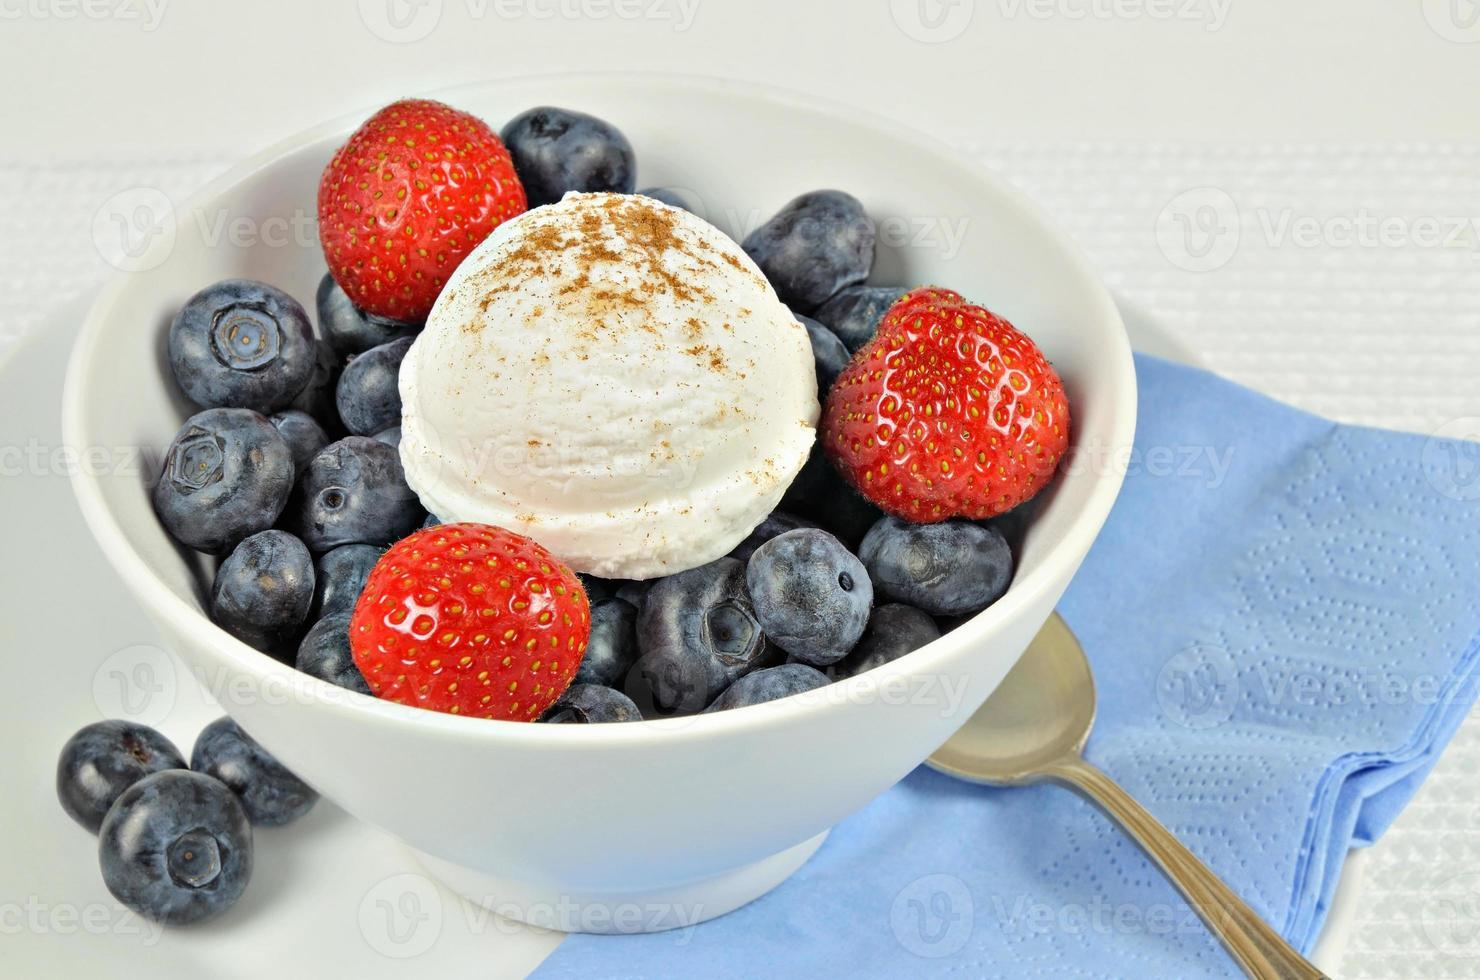 sorvete de baunilha com morangos e mirtilos foto